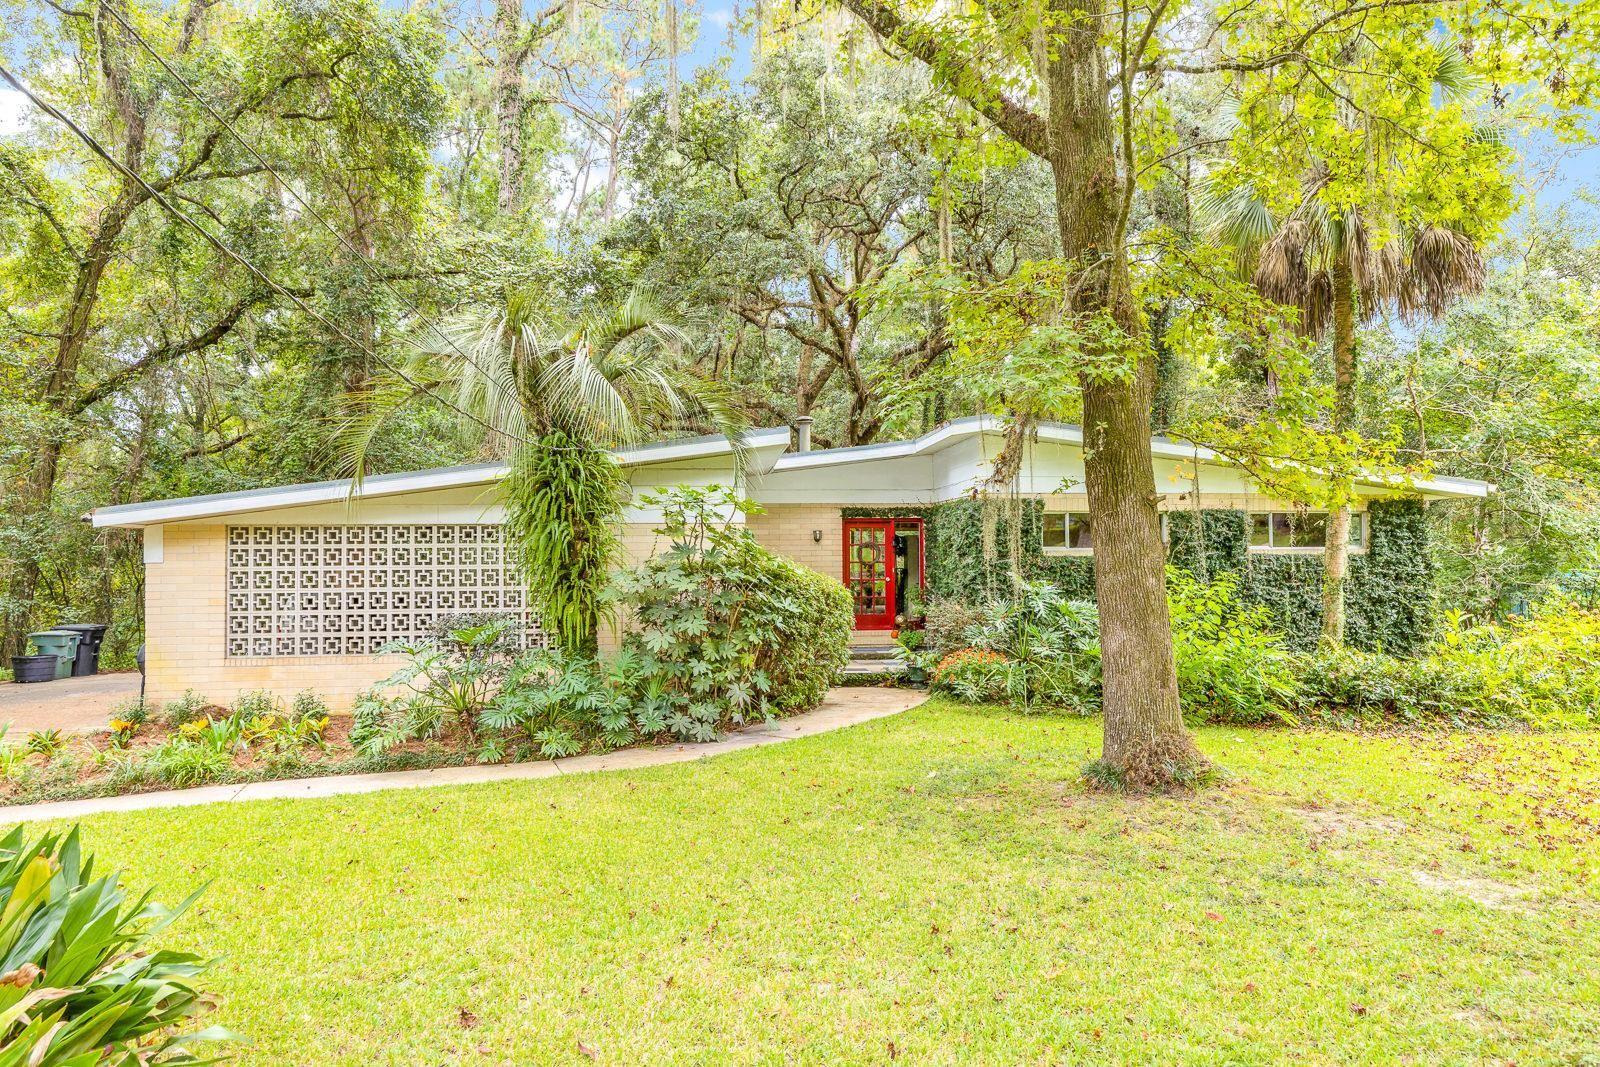 2106 Great Oak Drive, Tallahassee, FL 32303 - MLS#: 338211